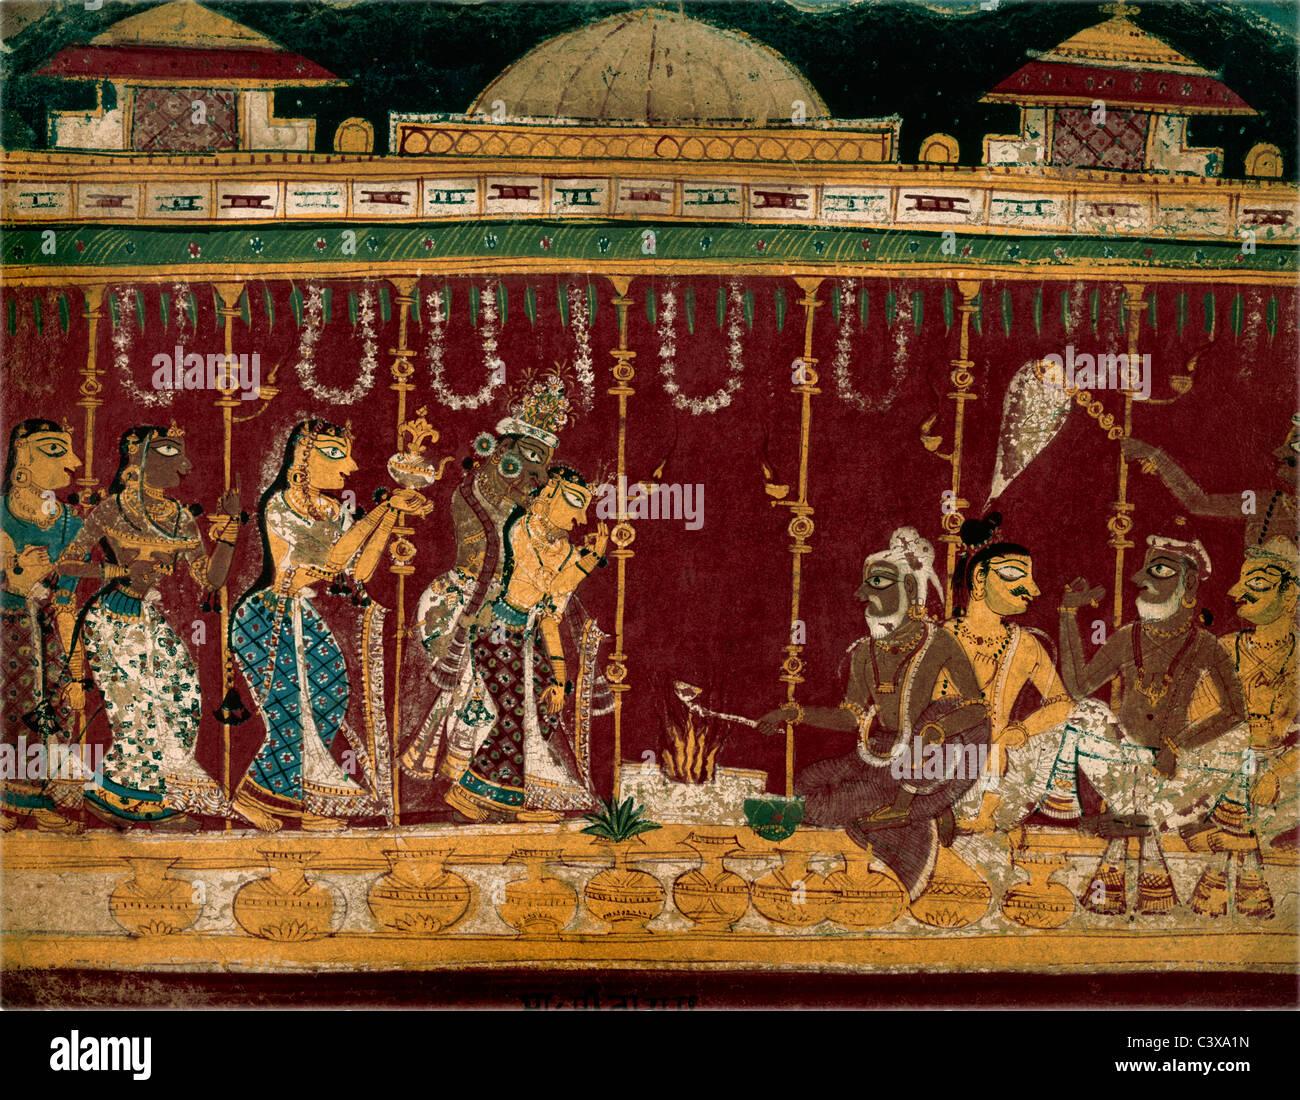 Ehe der Eltern Krishnas. Indien, 1525 Stockbild